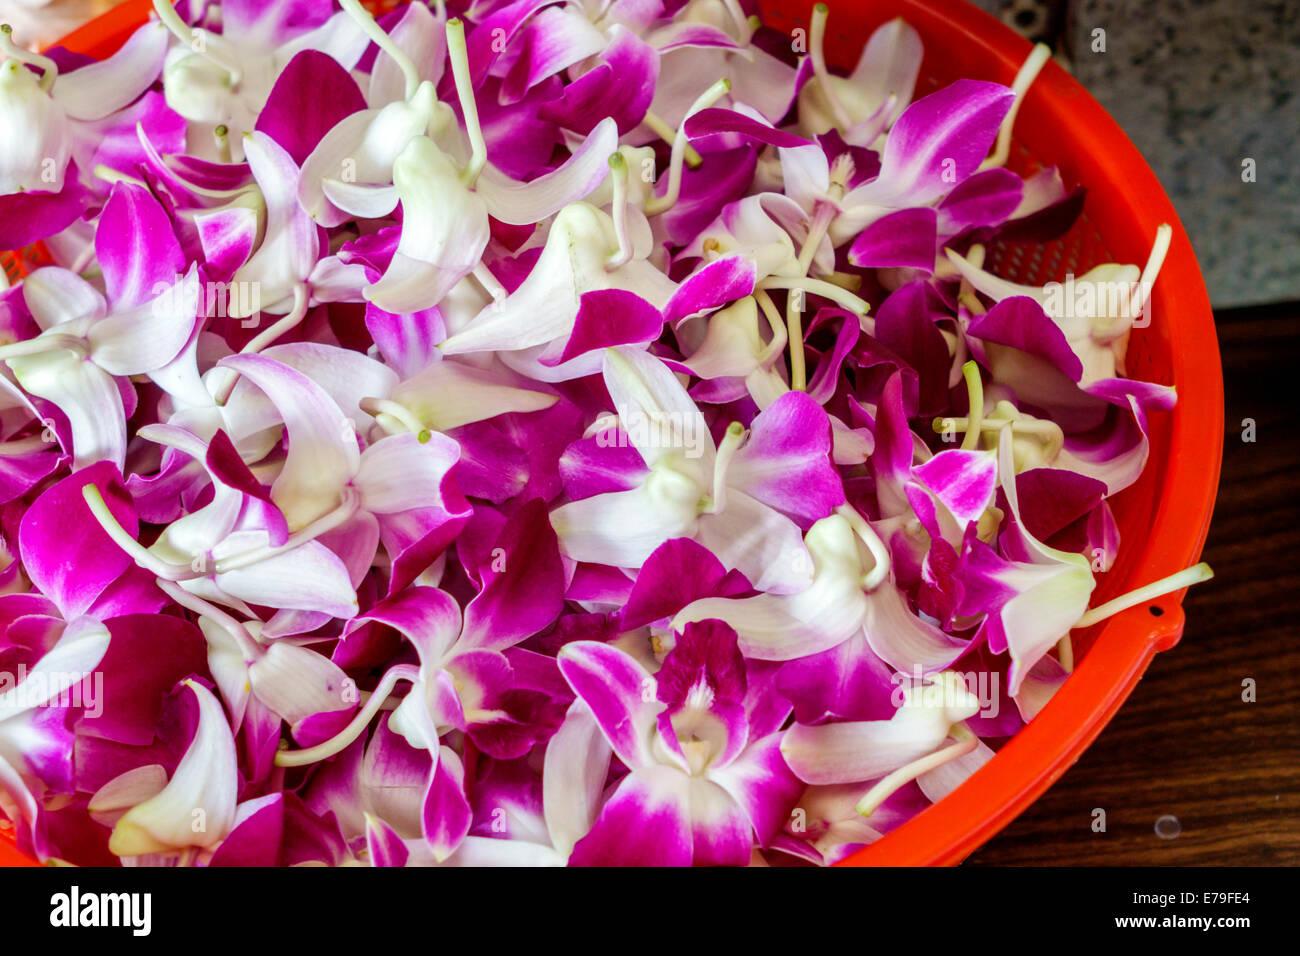 Honolulu hawaii hawaiian oahu chinatown kekaulike street florist honolulu hawaii hawaiian oahu chinatown kekaulike street florist shop orchid flowers leis sale izmirmasajfo